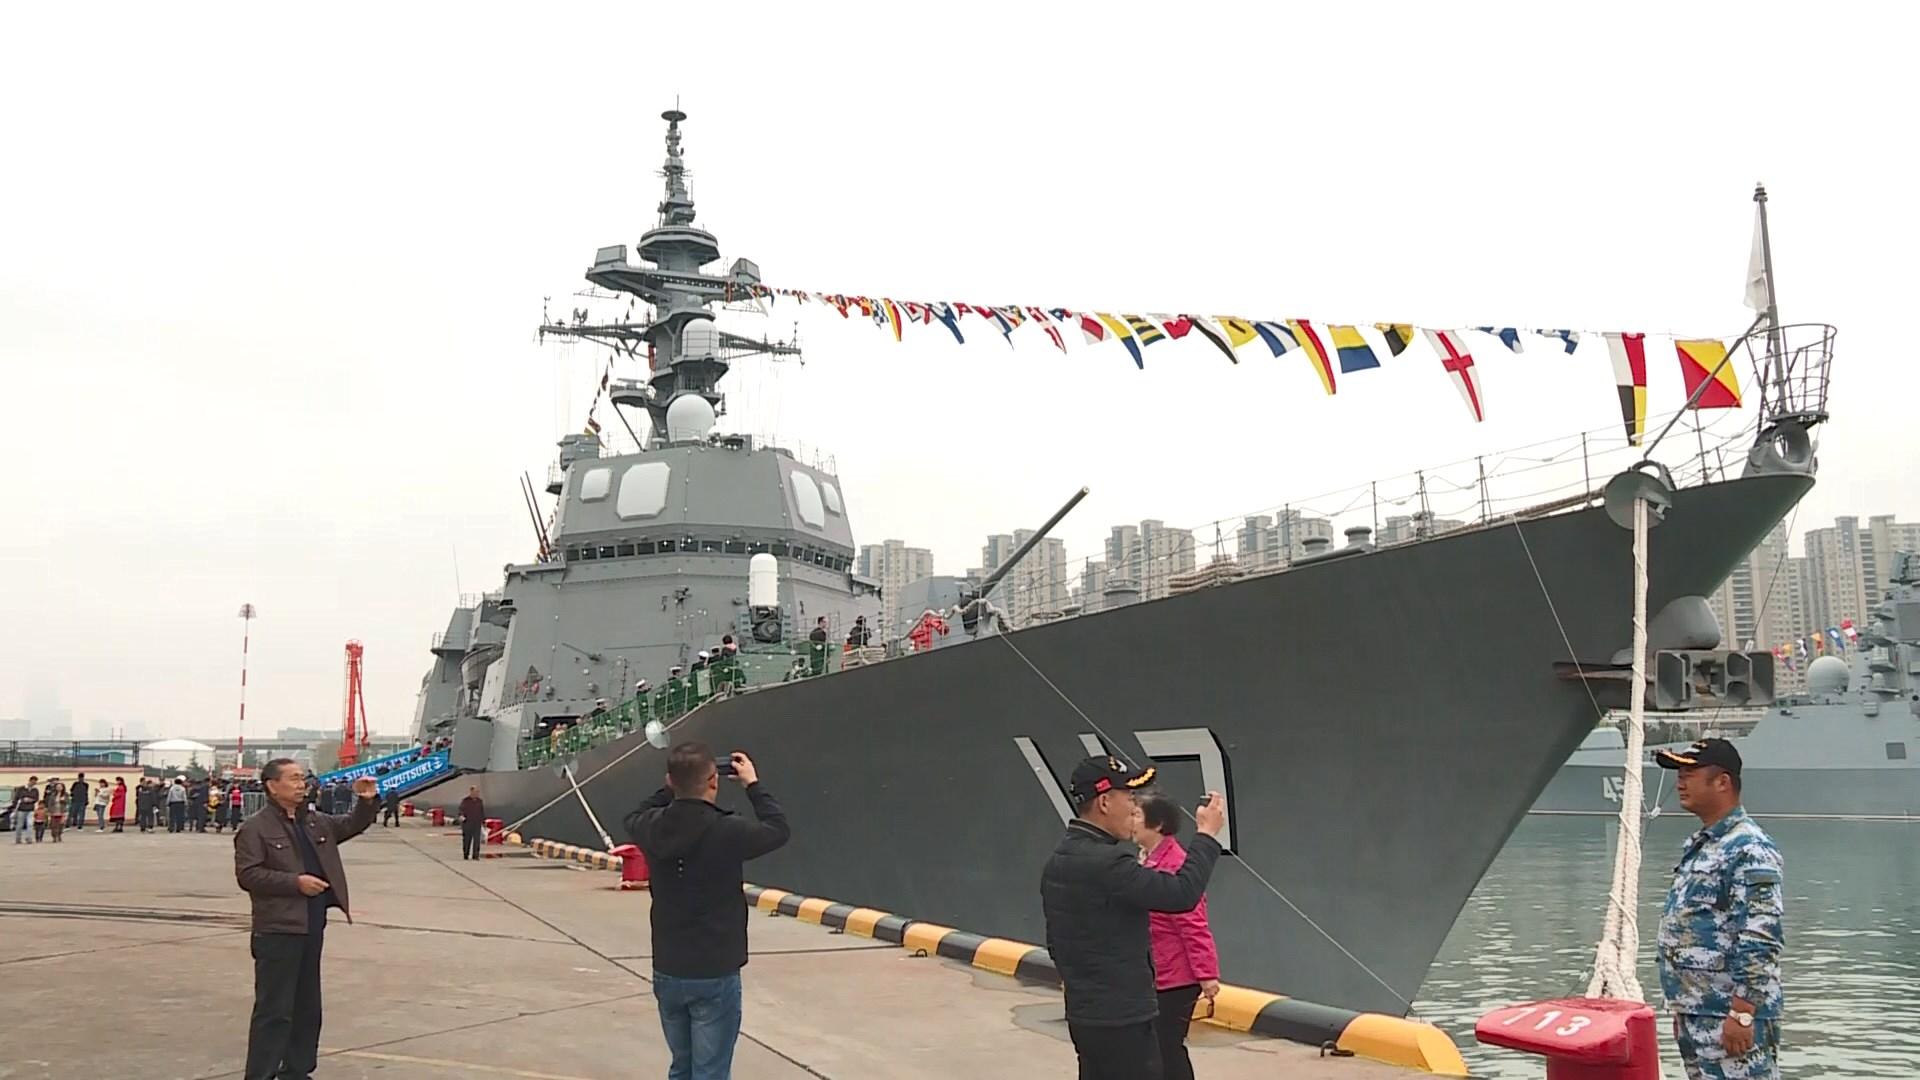 中國海軍在青島港舉行外國艦艇開放日 Now 新聞